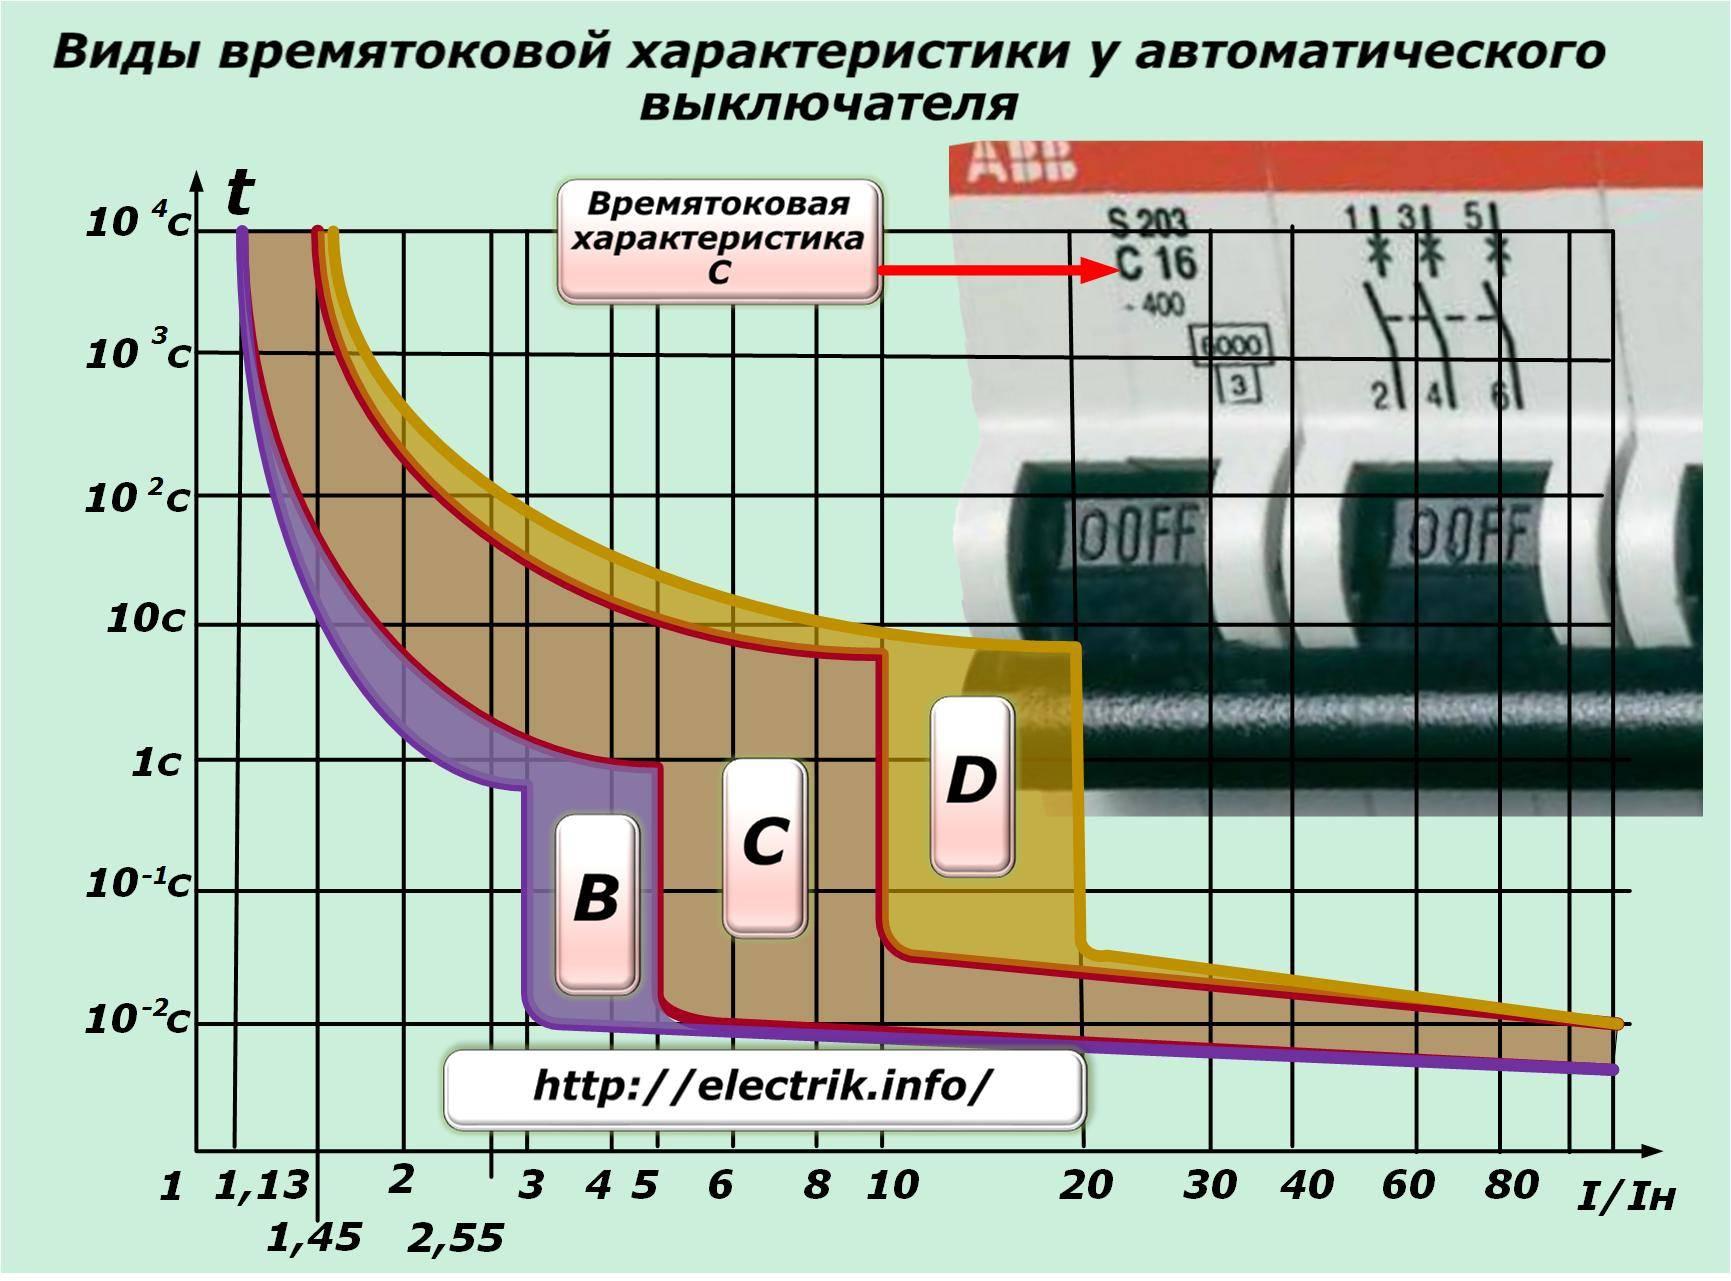 Автоматический выключатель трехполюсный: полный обзор, виды, характеристики и отзывы